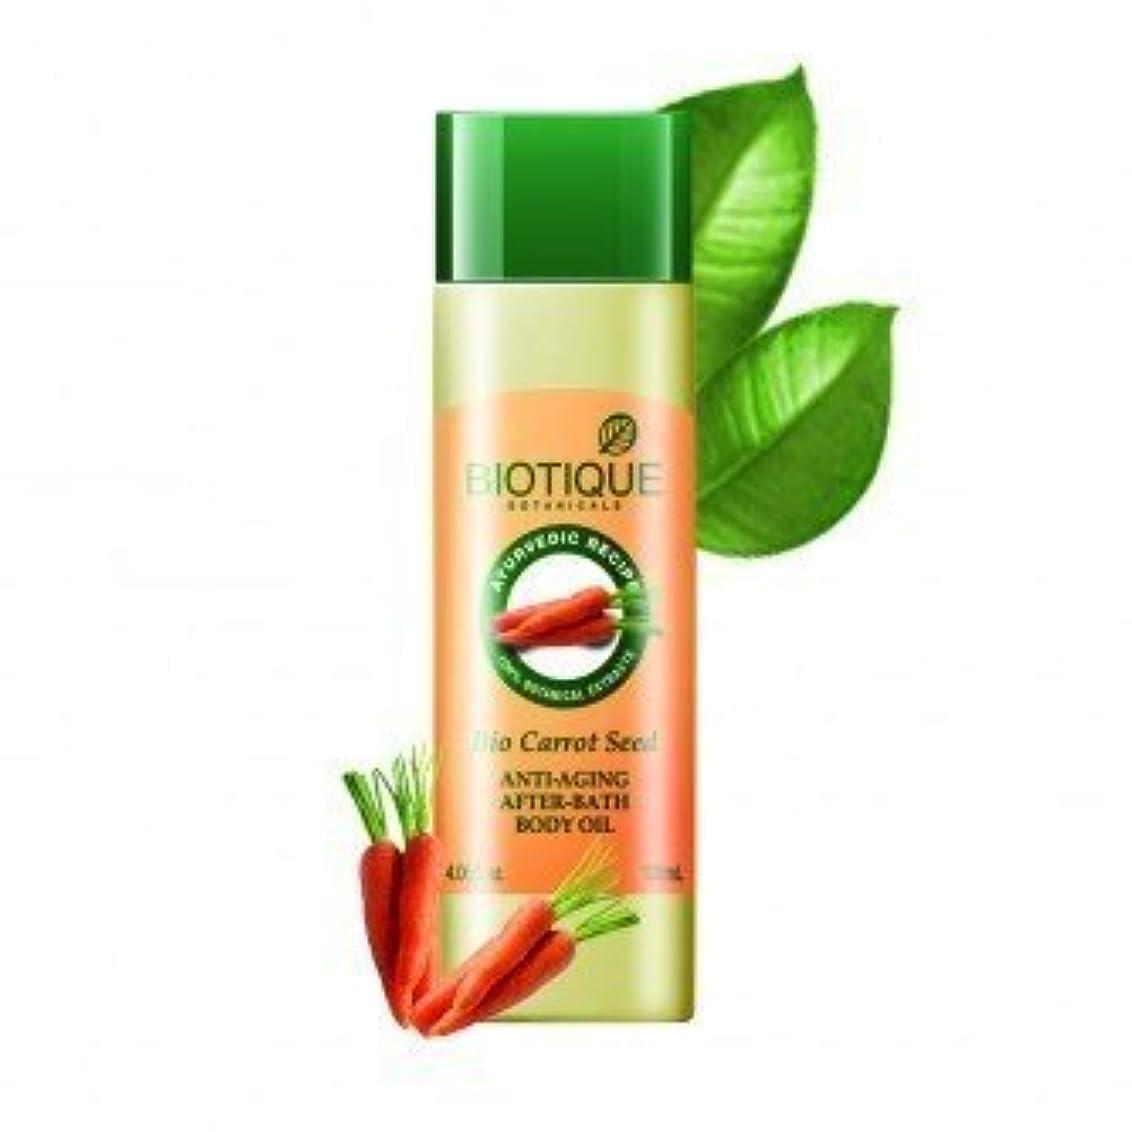 厚い叙情的な日常的にBiotique Bio Carrot Seed Anti-Aging After-Bath Body Oil 120 Ml (Ship From India)